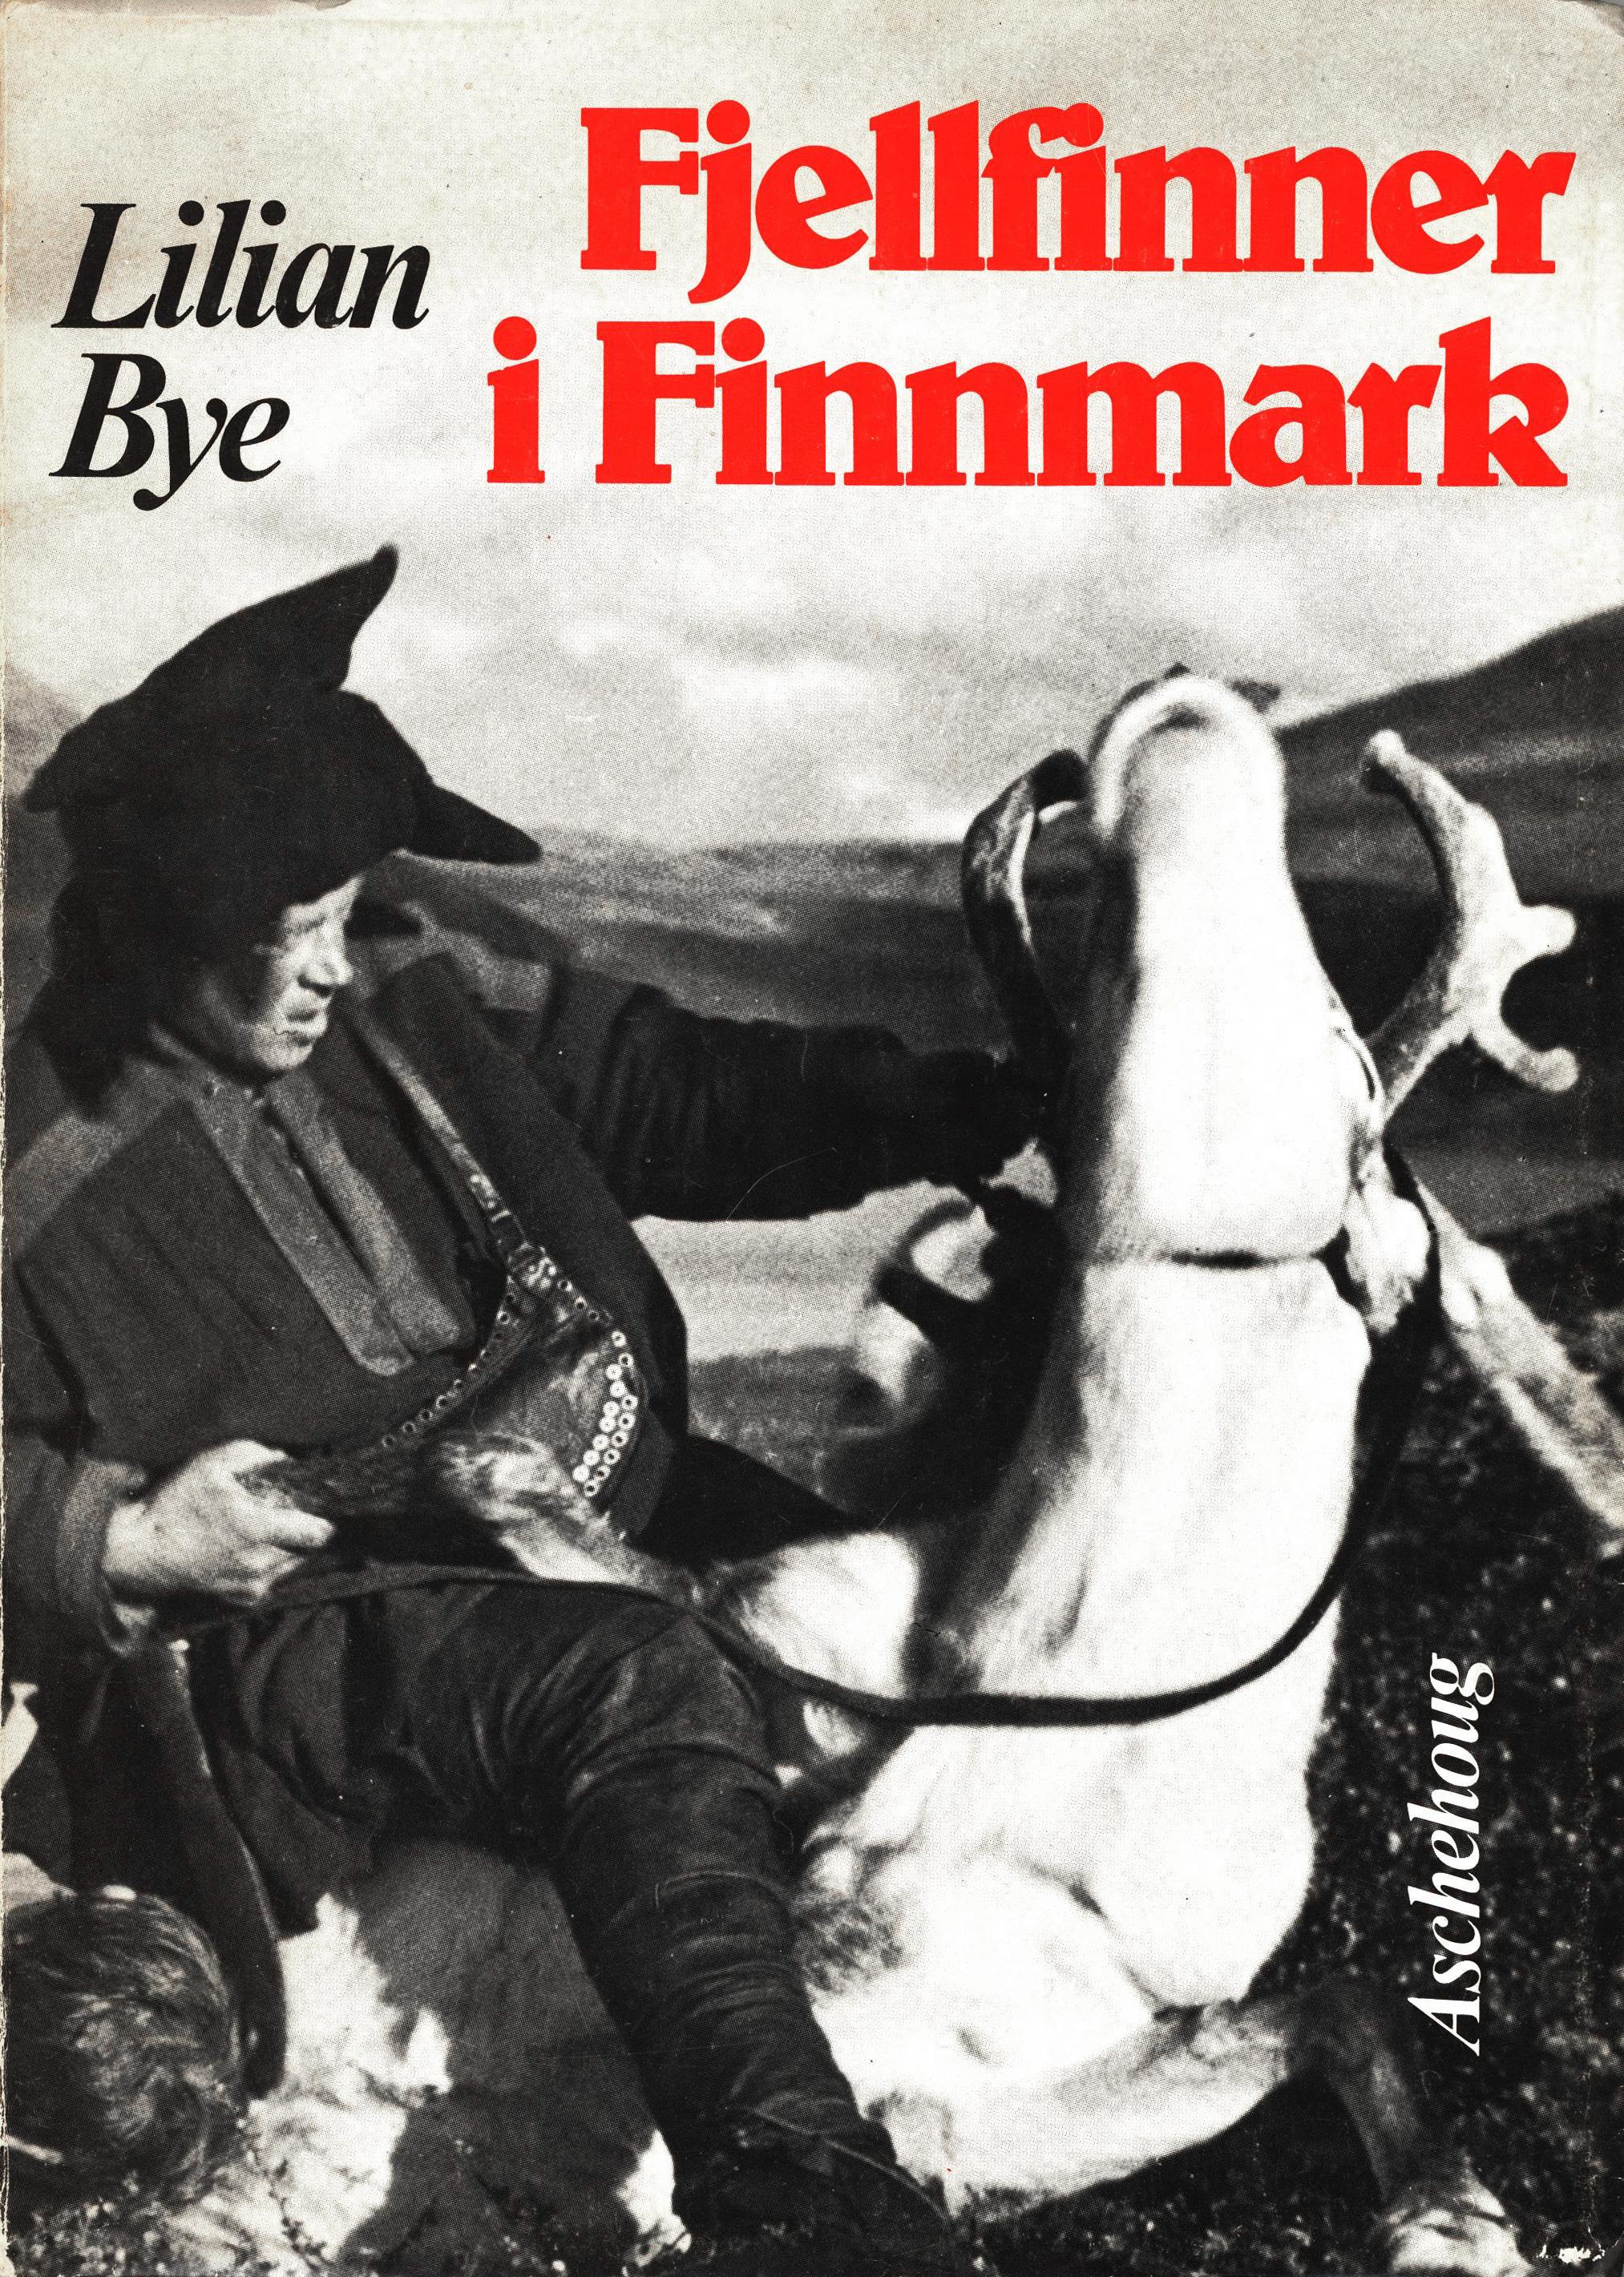 Lillian Bye: Fjellfinner i Finnmark